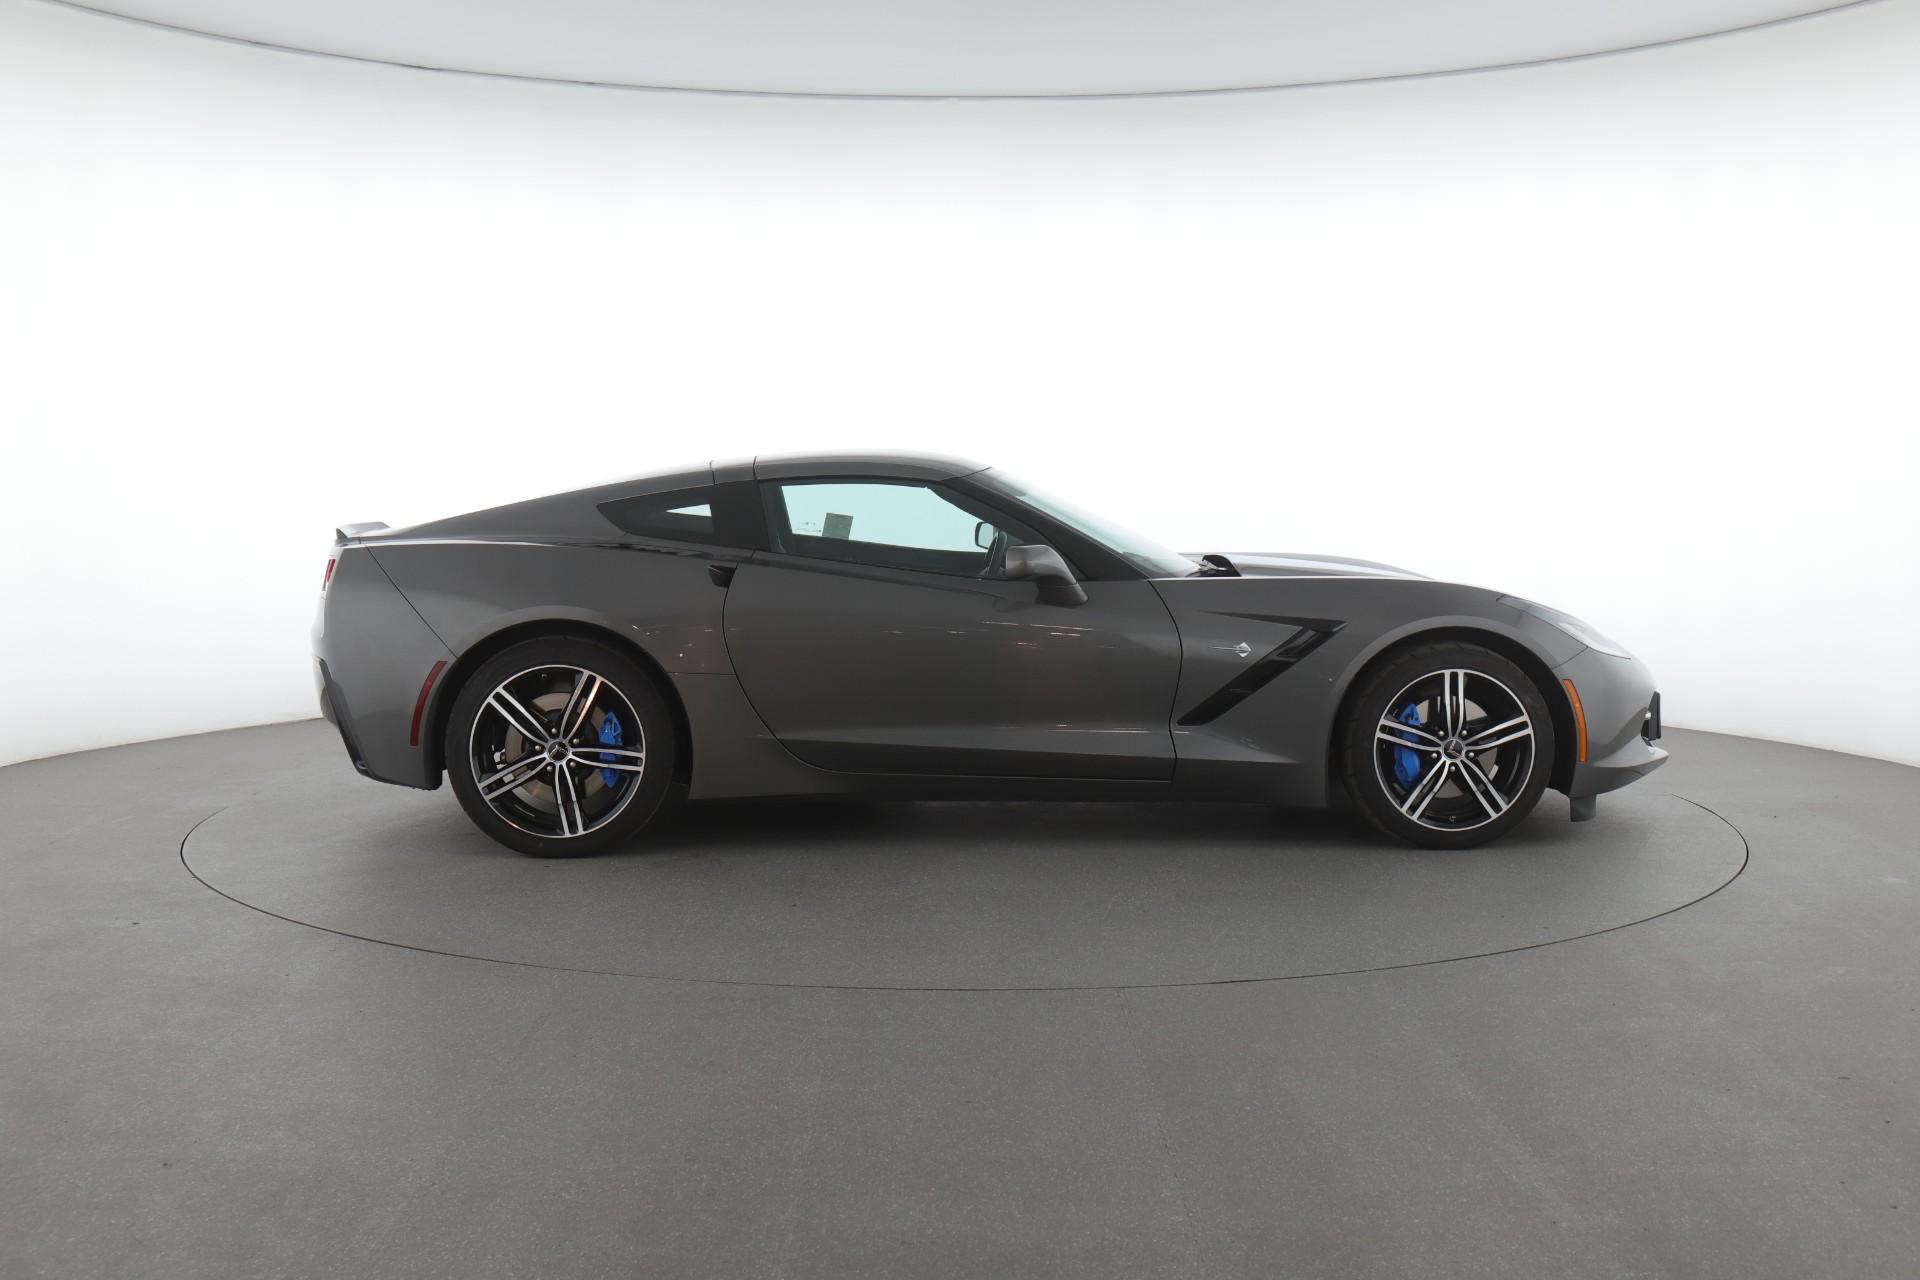 2016 Chevrolet Corvette 1LT (from $46,950)